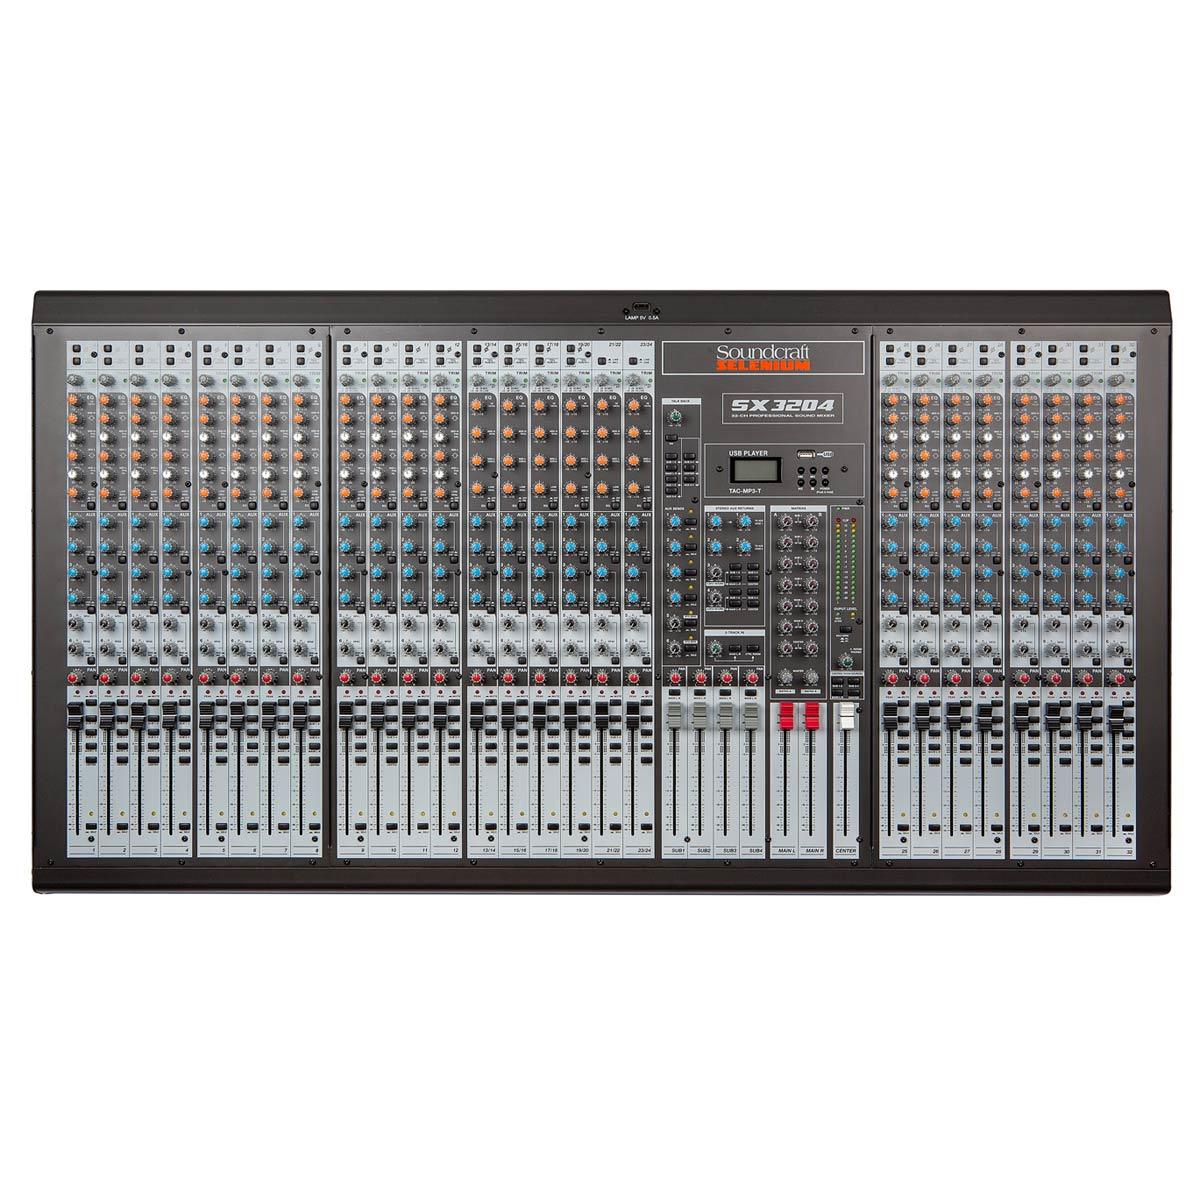 Mesa de Som 32 Canais Balanceados (26 XLR + 6 P10) c/ USB Play / Phantom / 6 Auxiliares - SX 3204 Soundcraft